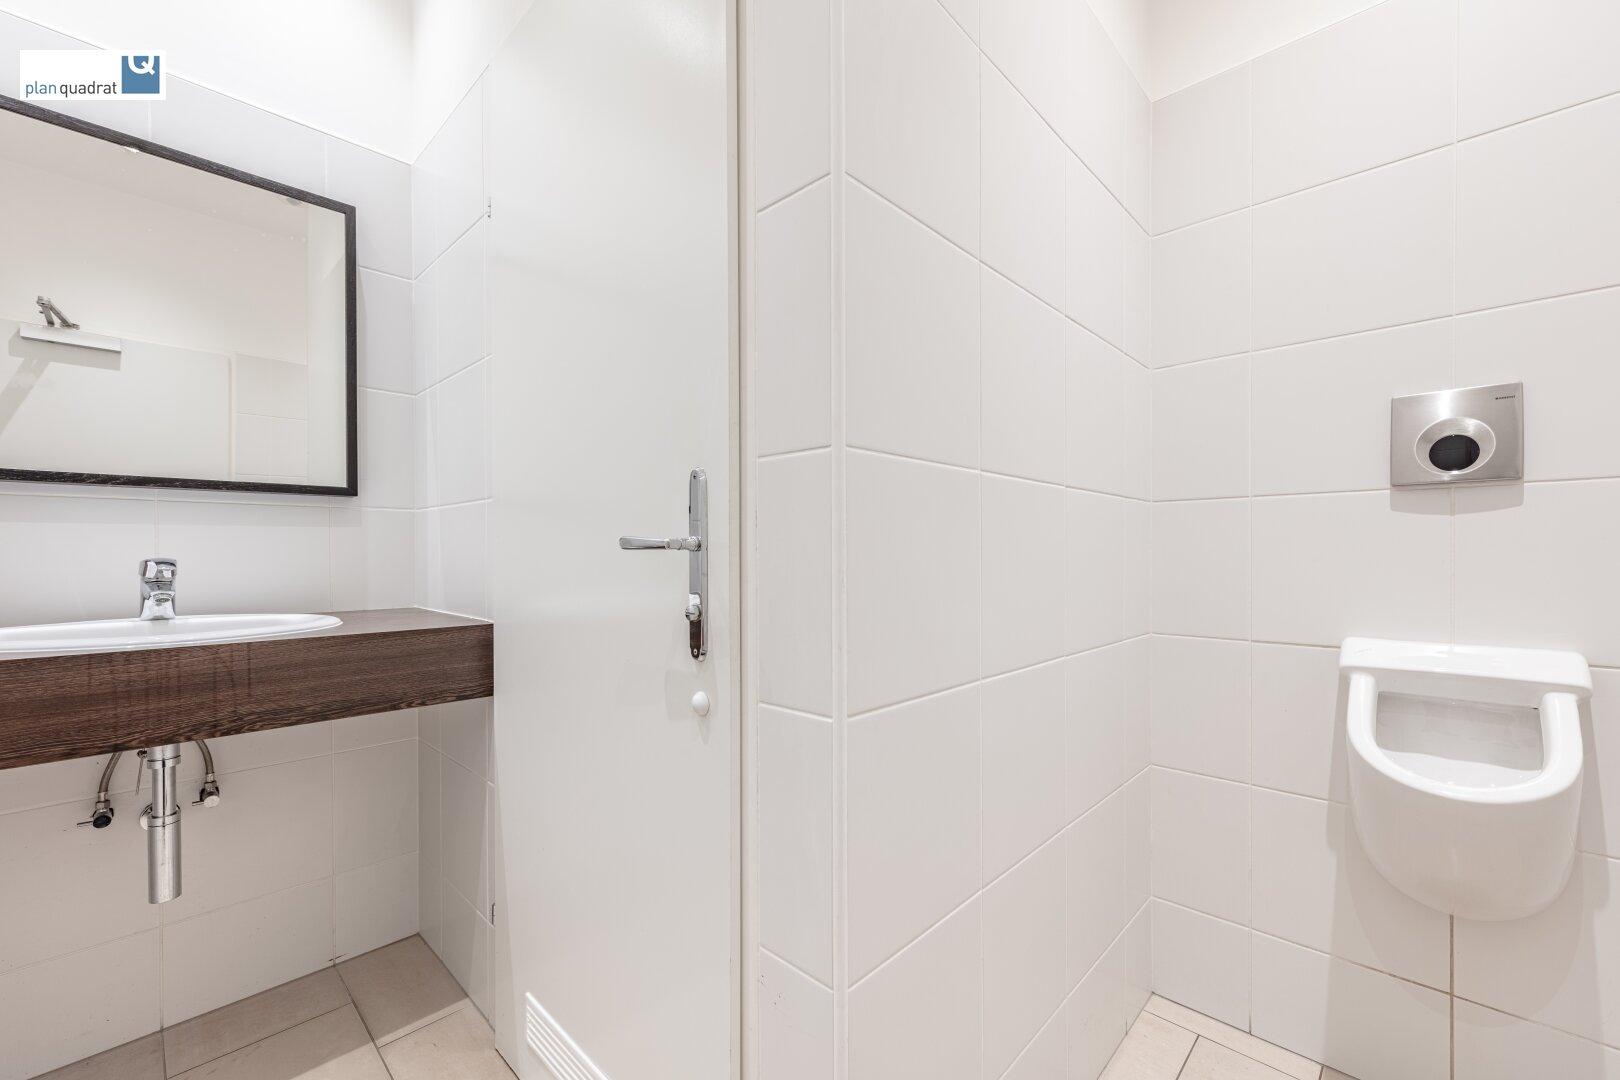 Waschraum / Herrentoilette (ca. 5,00 m²)